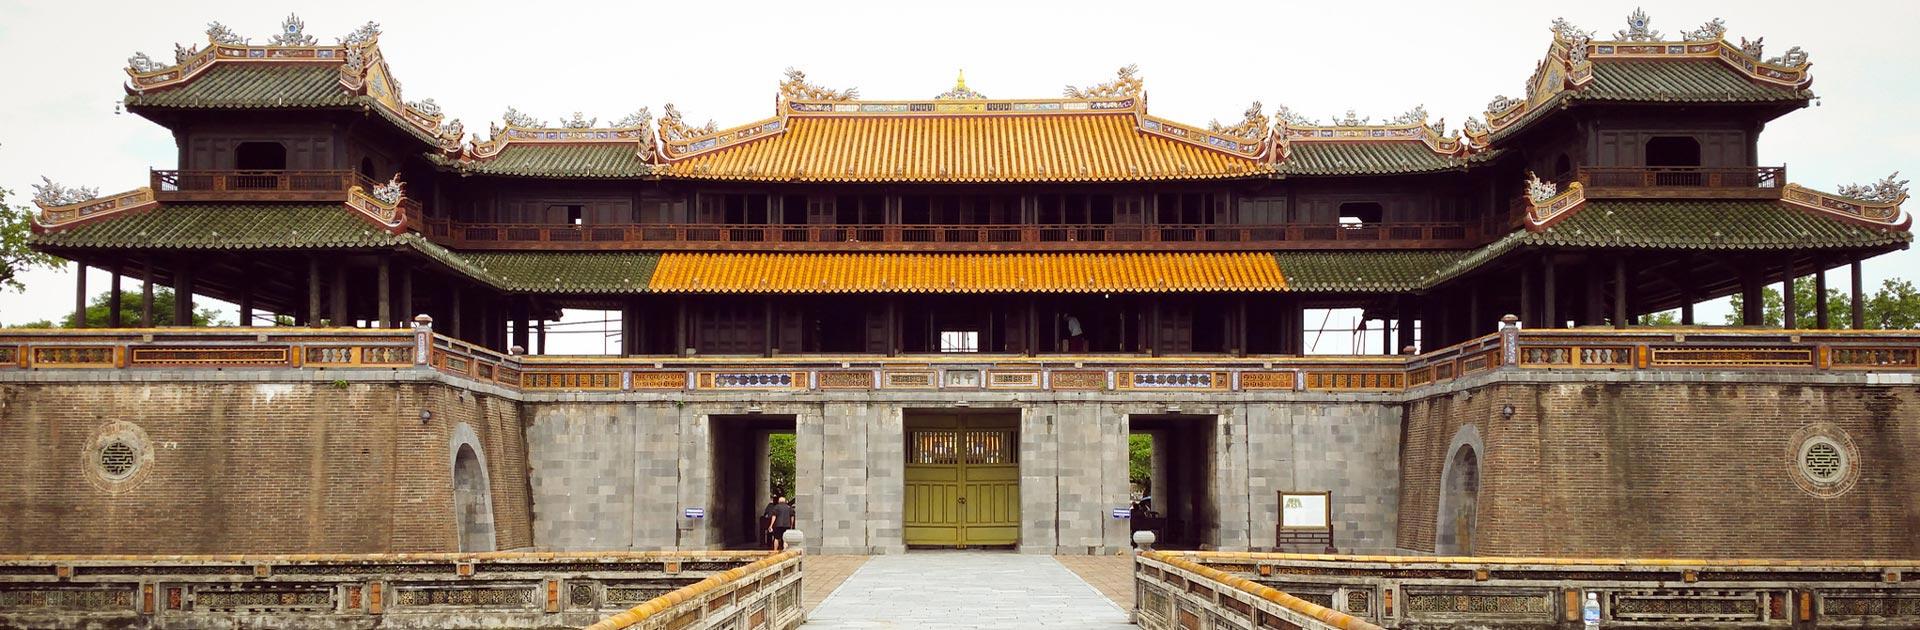 VN Encantos de Vietnam y Phu Quoc 14 días 2